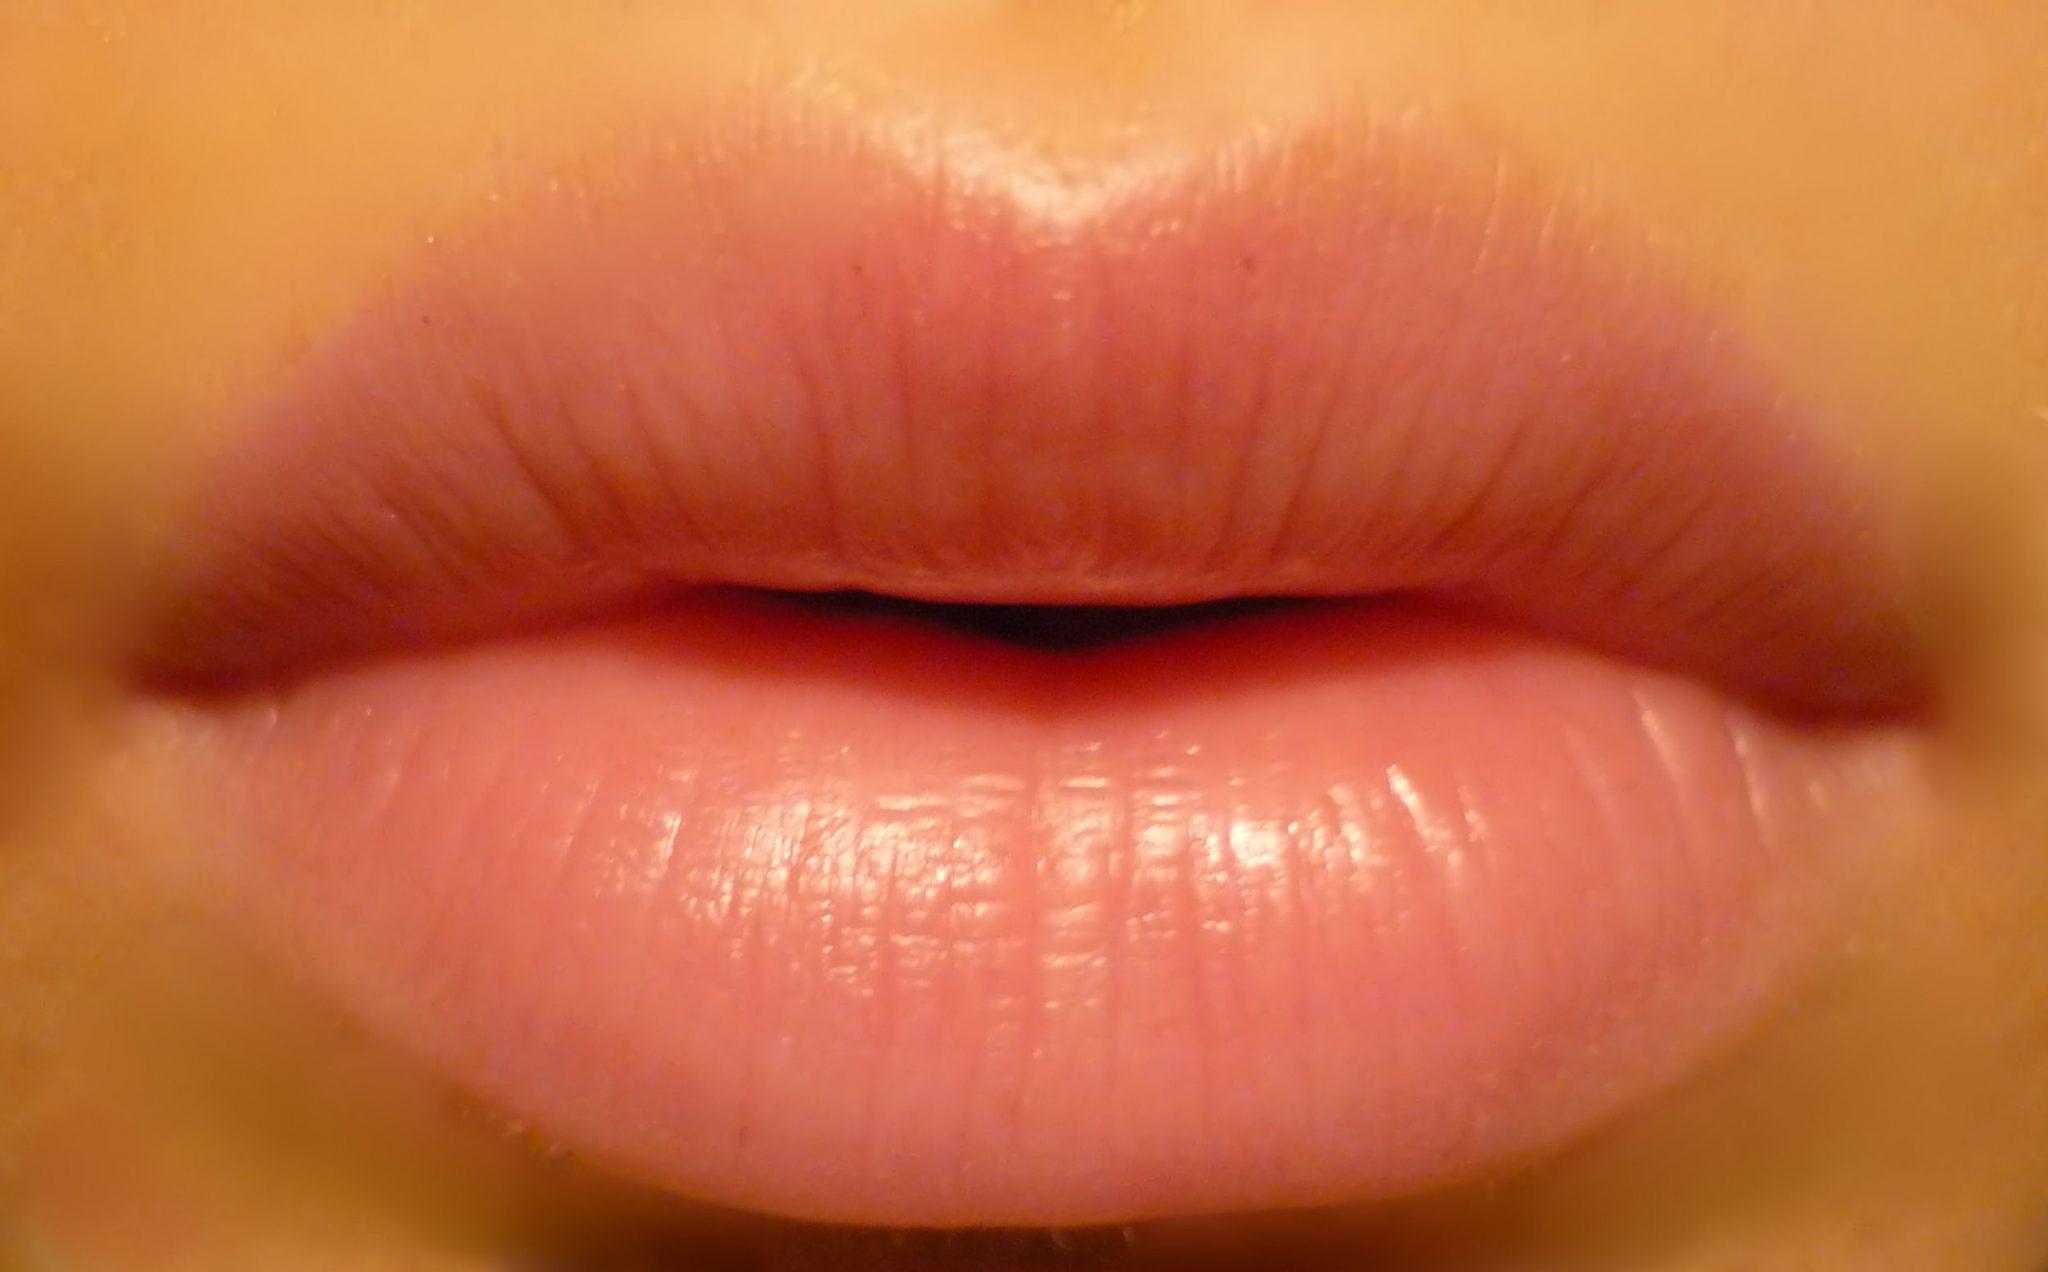 ruj sürme tekniği ruj sürme Dudak Şeklinize Göre Ruj Sürme Yöntemleri? Ruj Nasıl Sürülür? How To Get Soft Lips